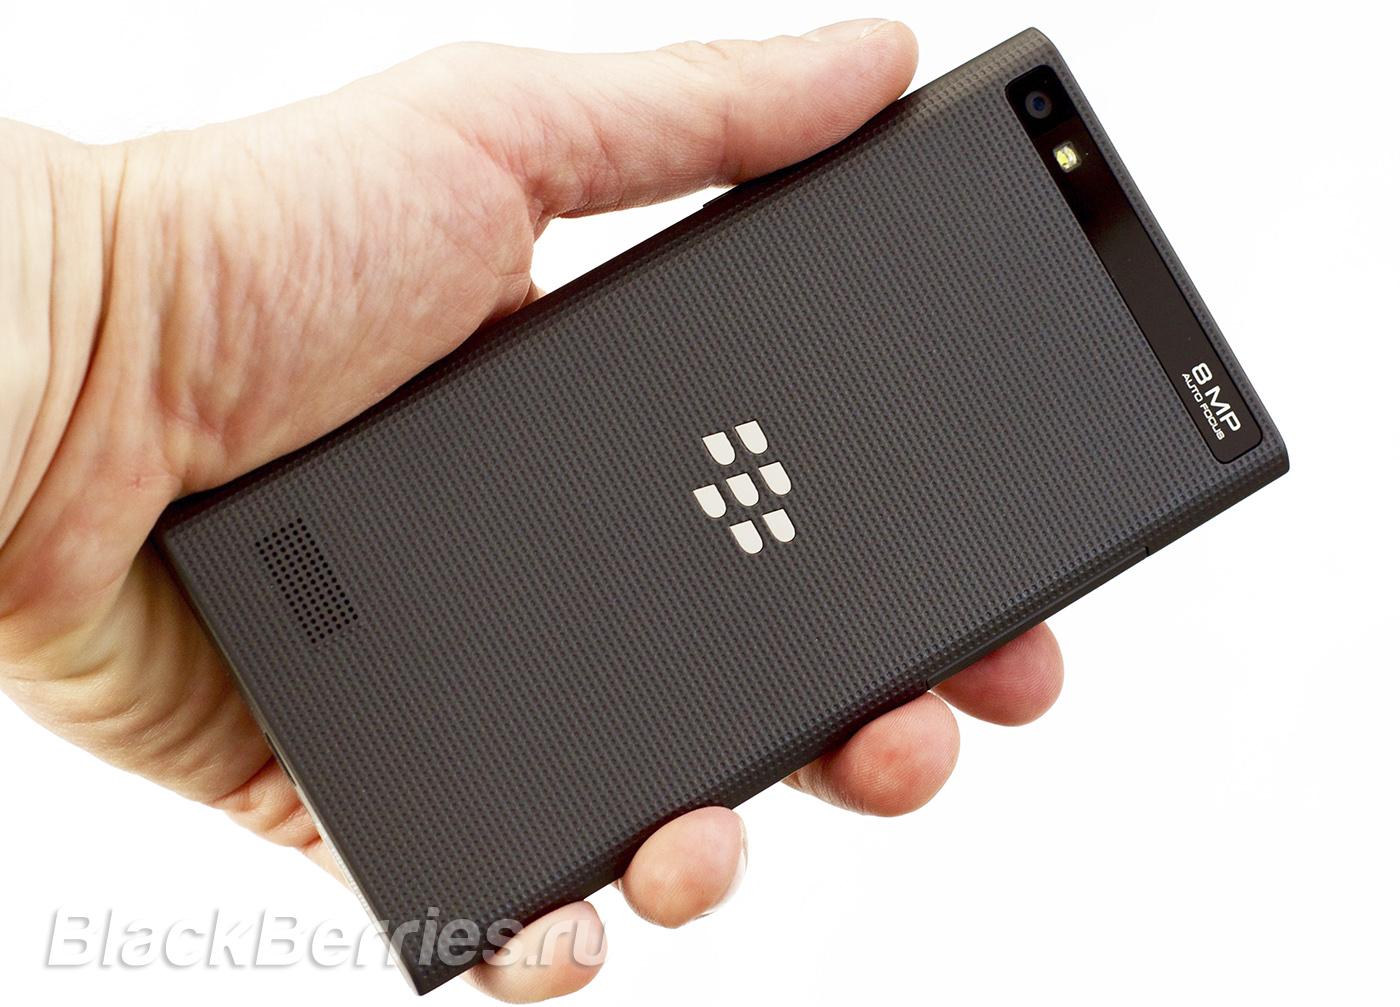 BlackBerry-Leap-40